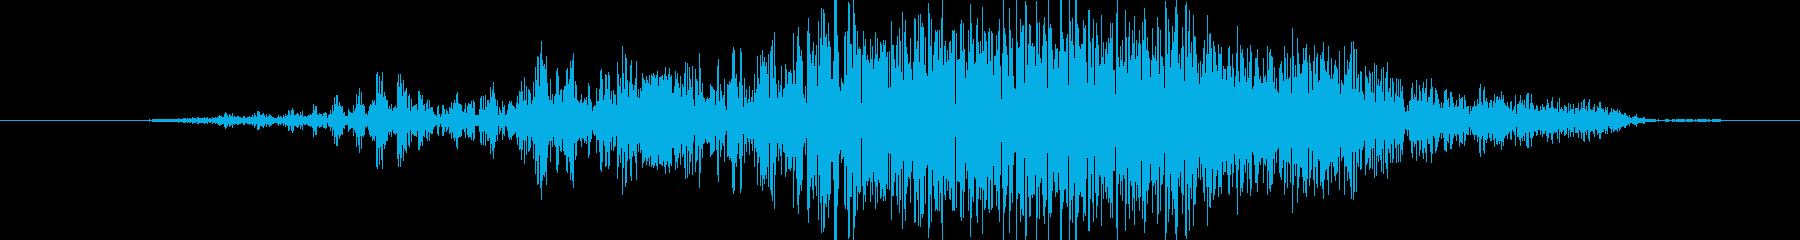 ヒューマノイド 魚人の樹皮05の再生済みの波形